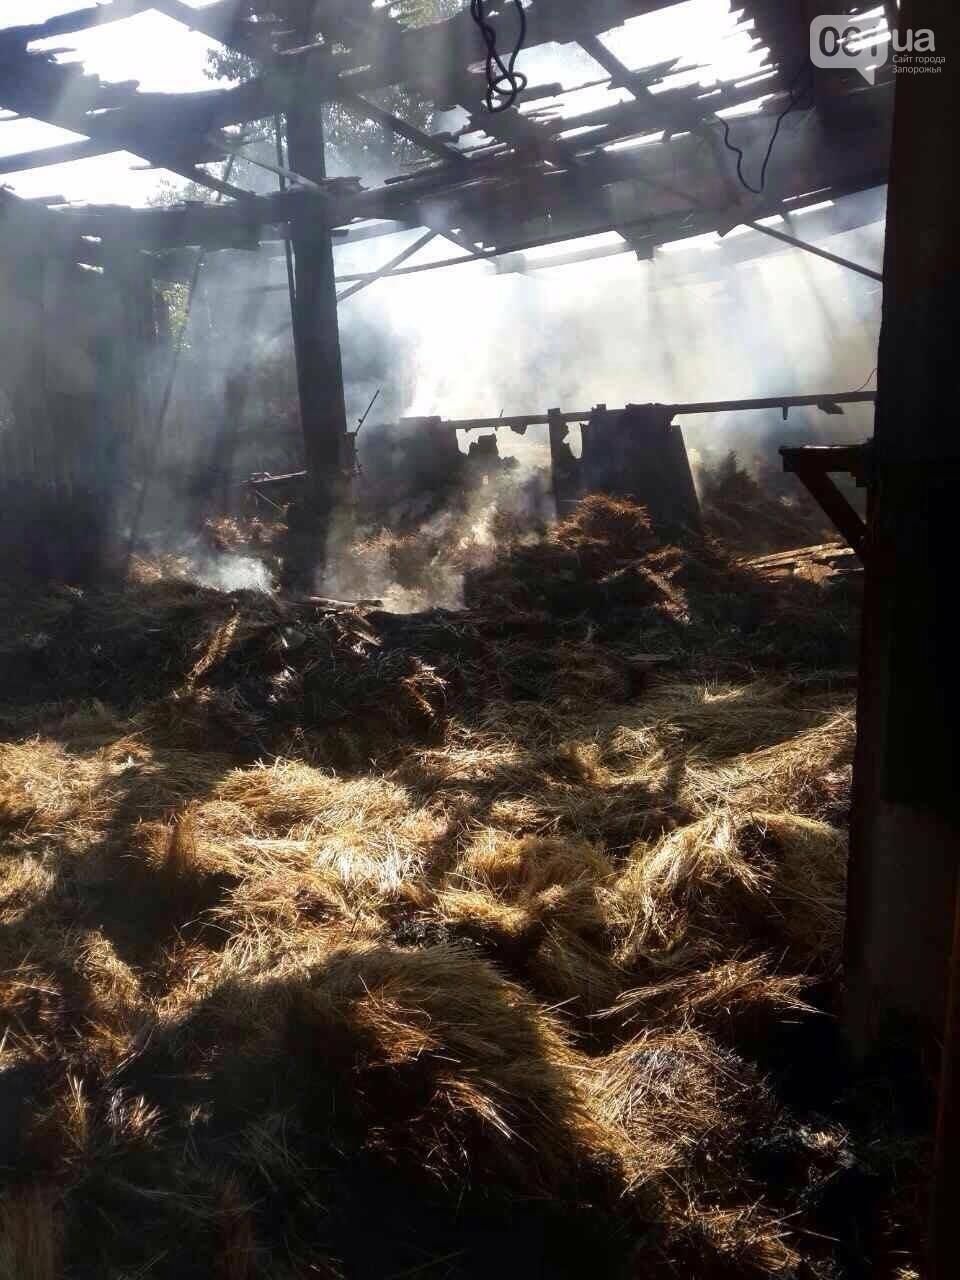 Ночью на Хортице горела конюшня: в администрации заповедника уверены, что это поджог, - ФОТО , фото-3